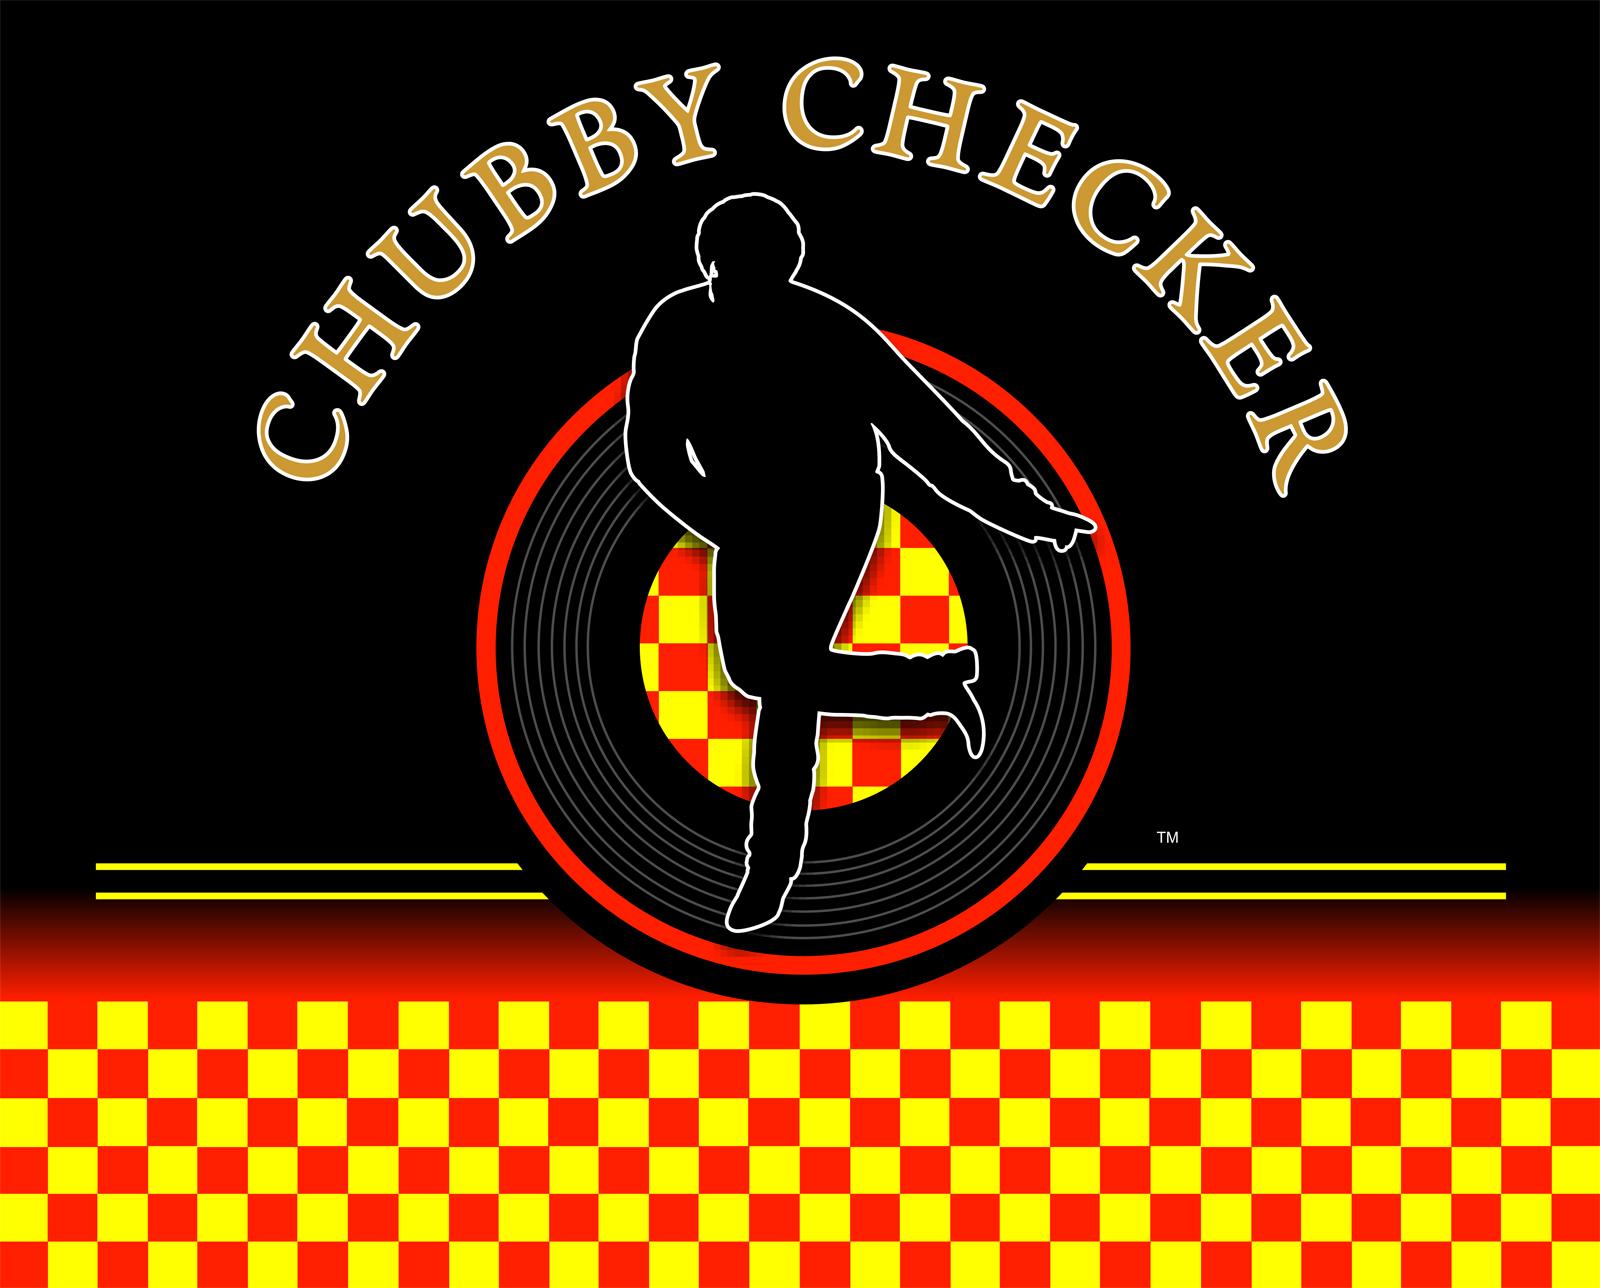 ChubbyChecker-logo.jpg